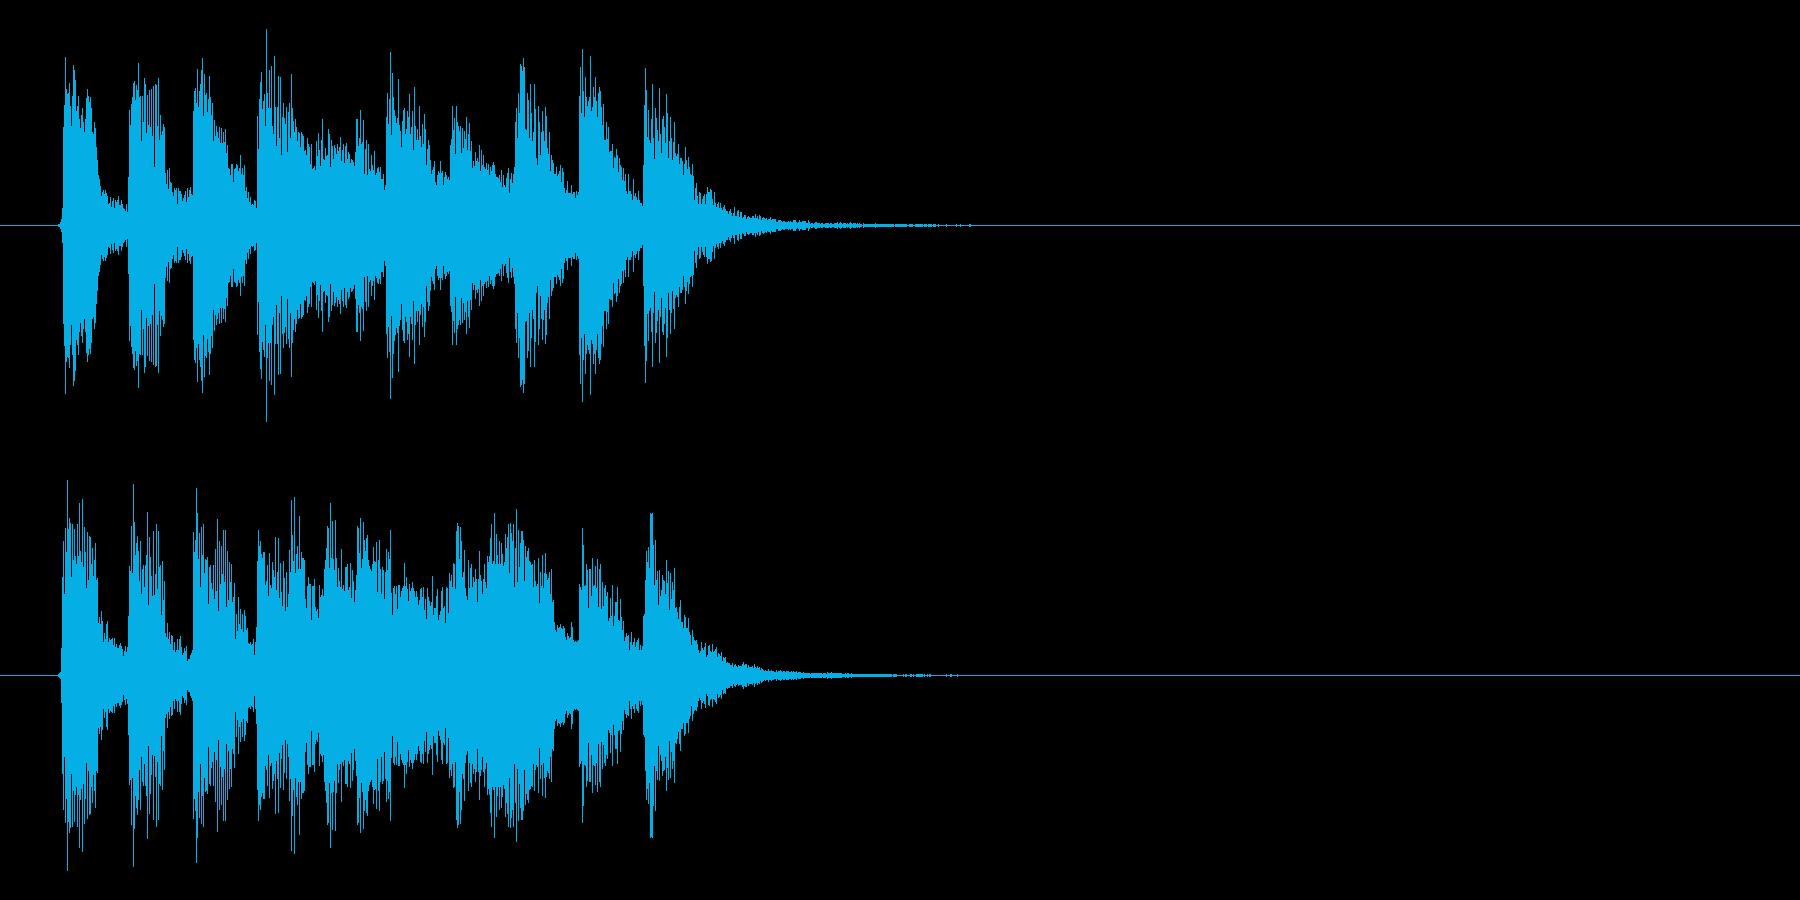 軽快でキャッチーなピアノジングルの再生済みの波形